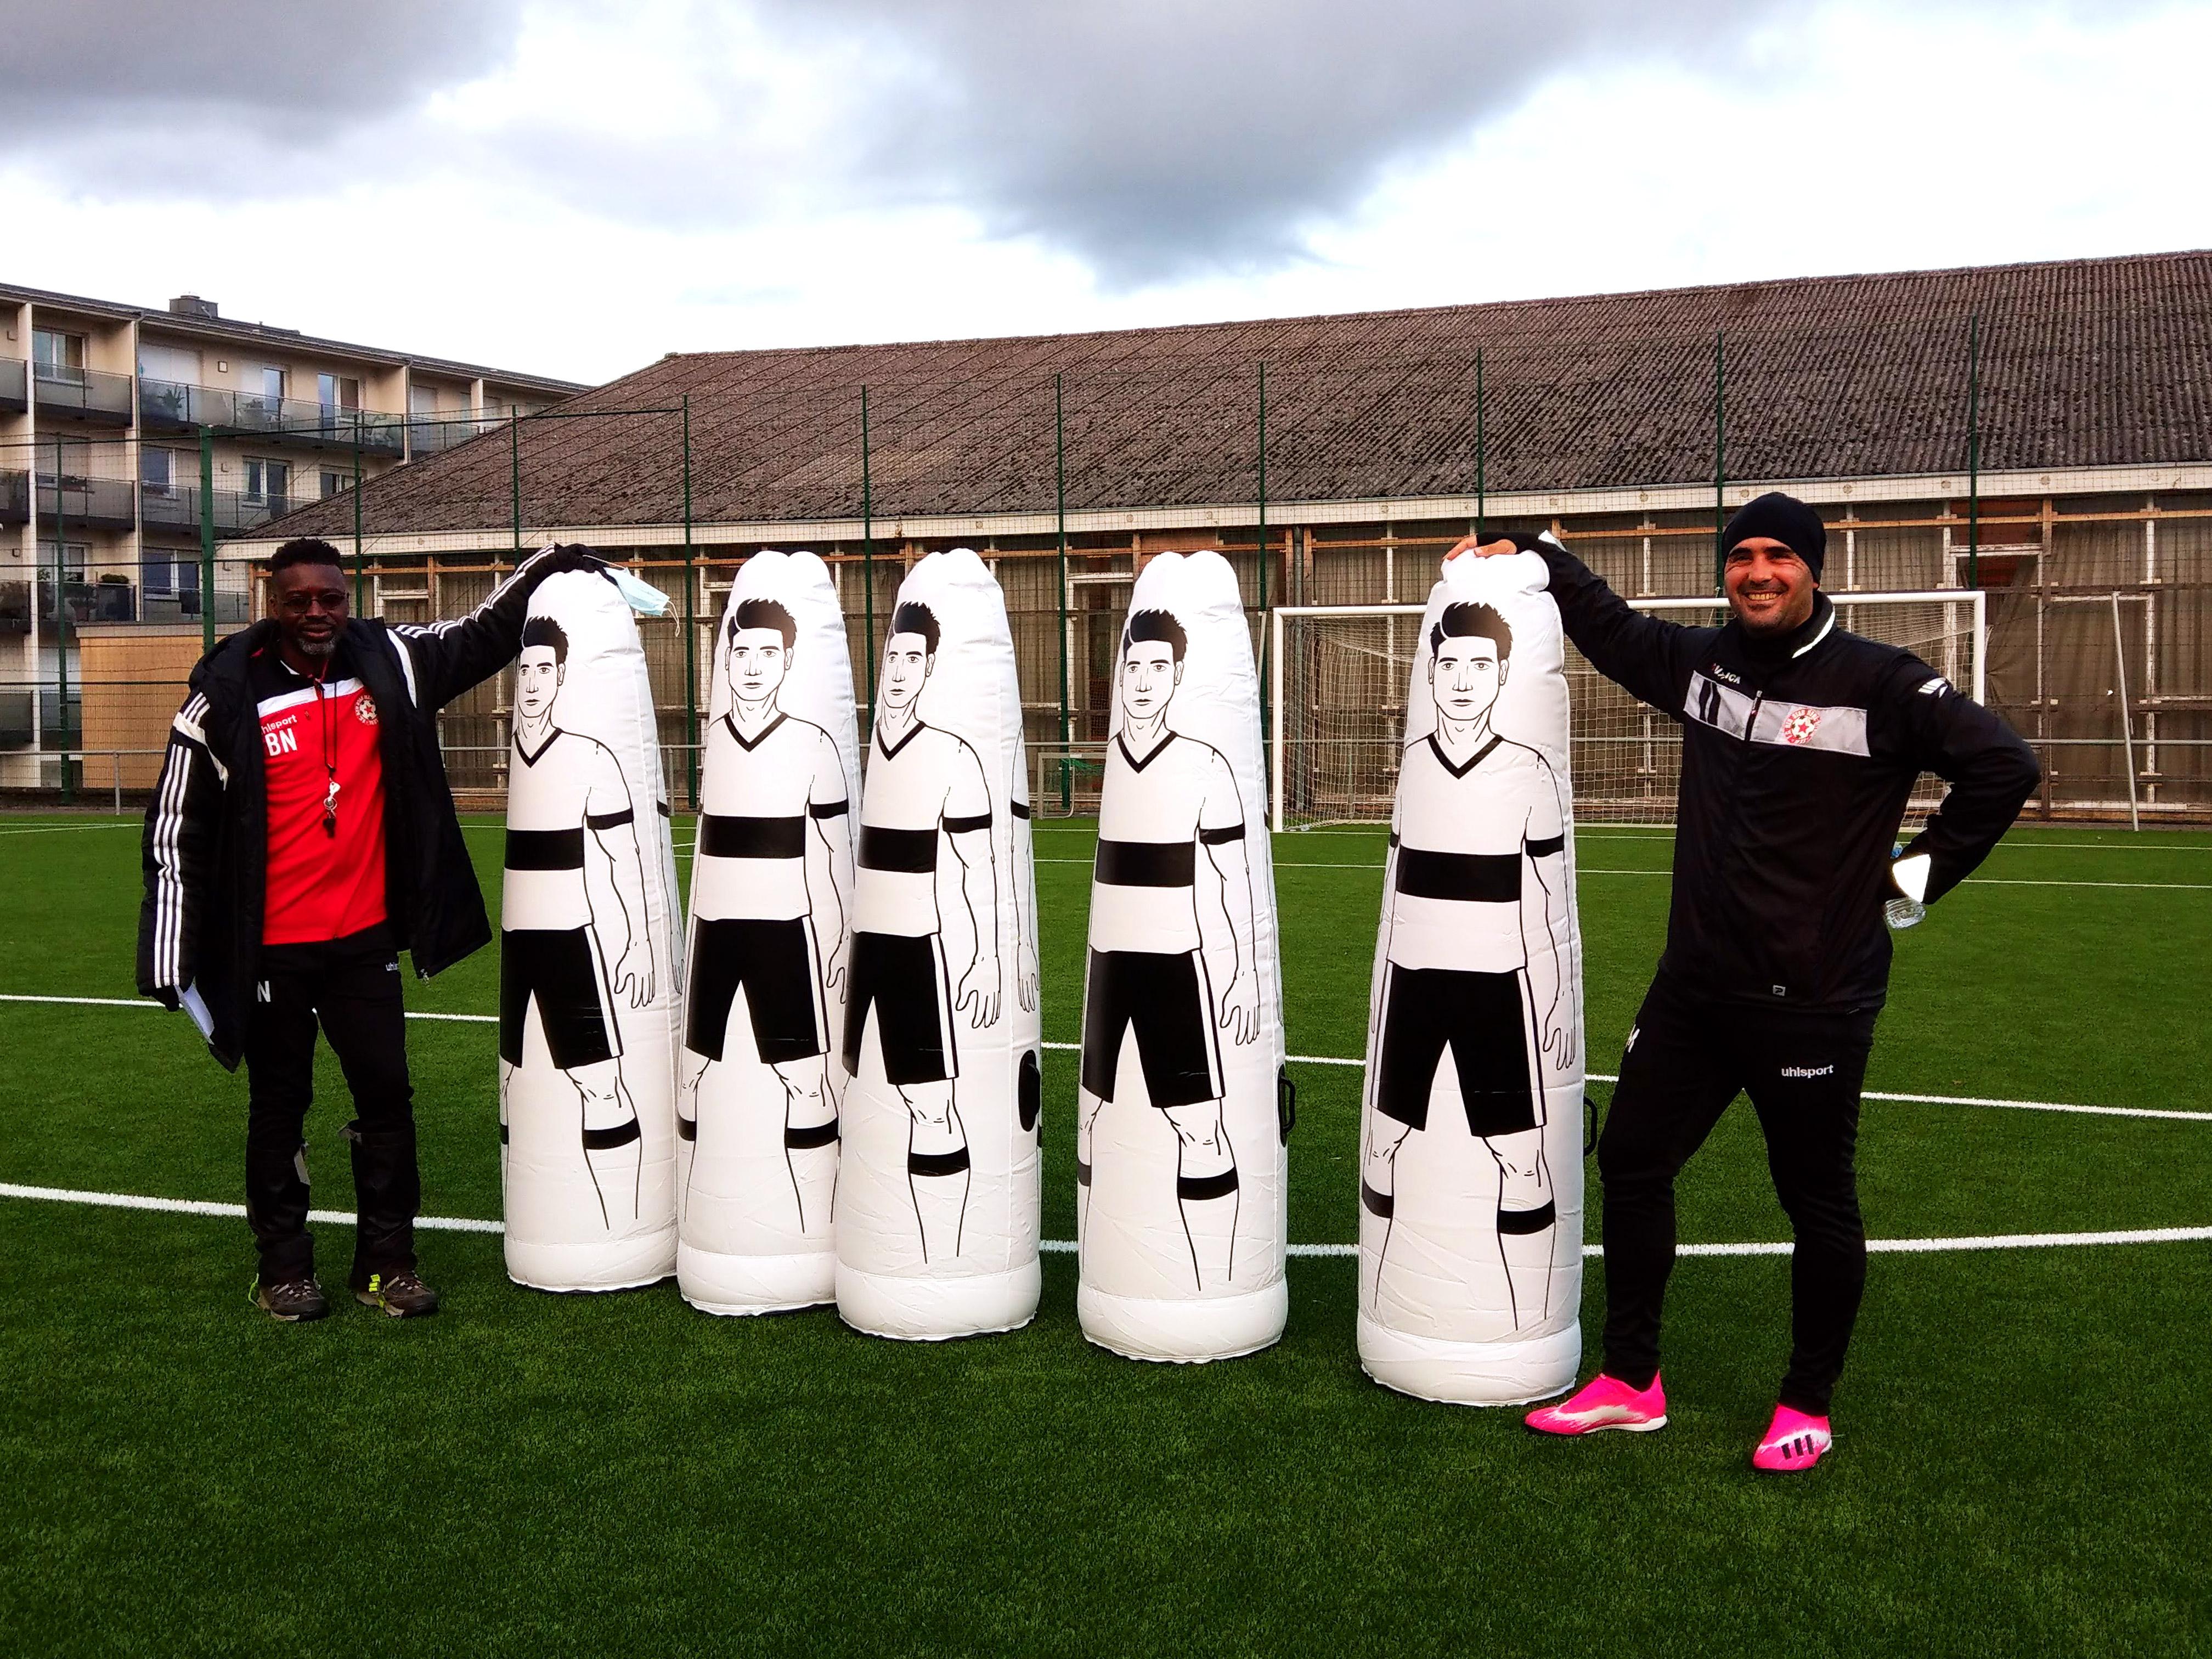 Mo et Bocar ont accueilli aujourd'hui cinq nouveaux joueurs